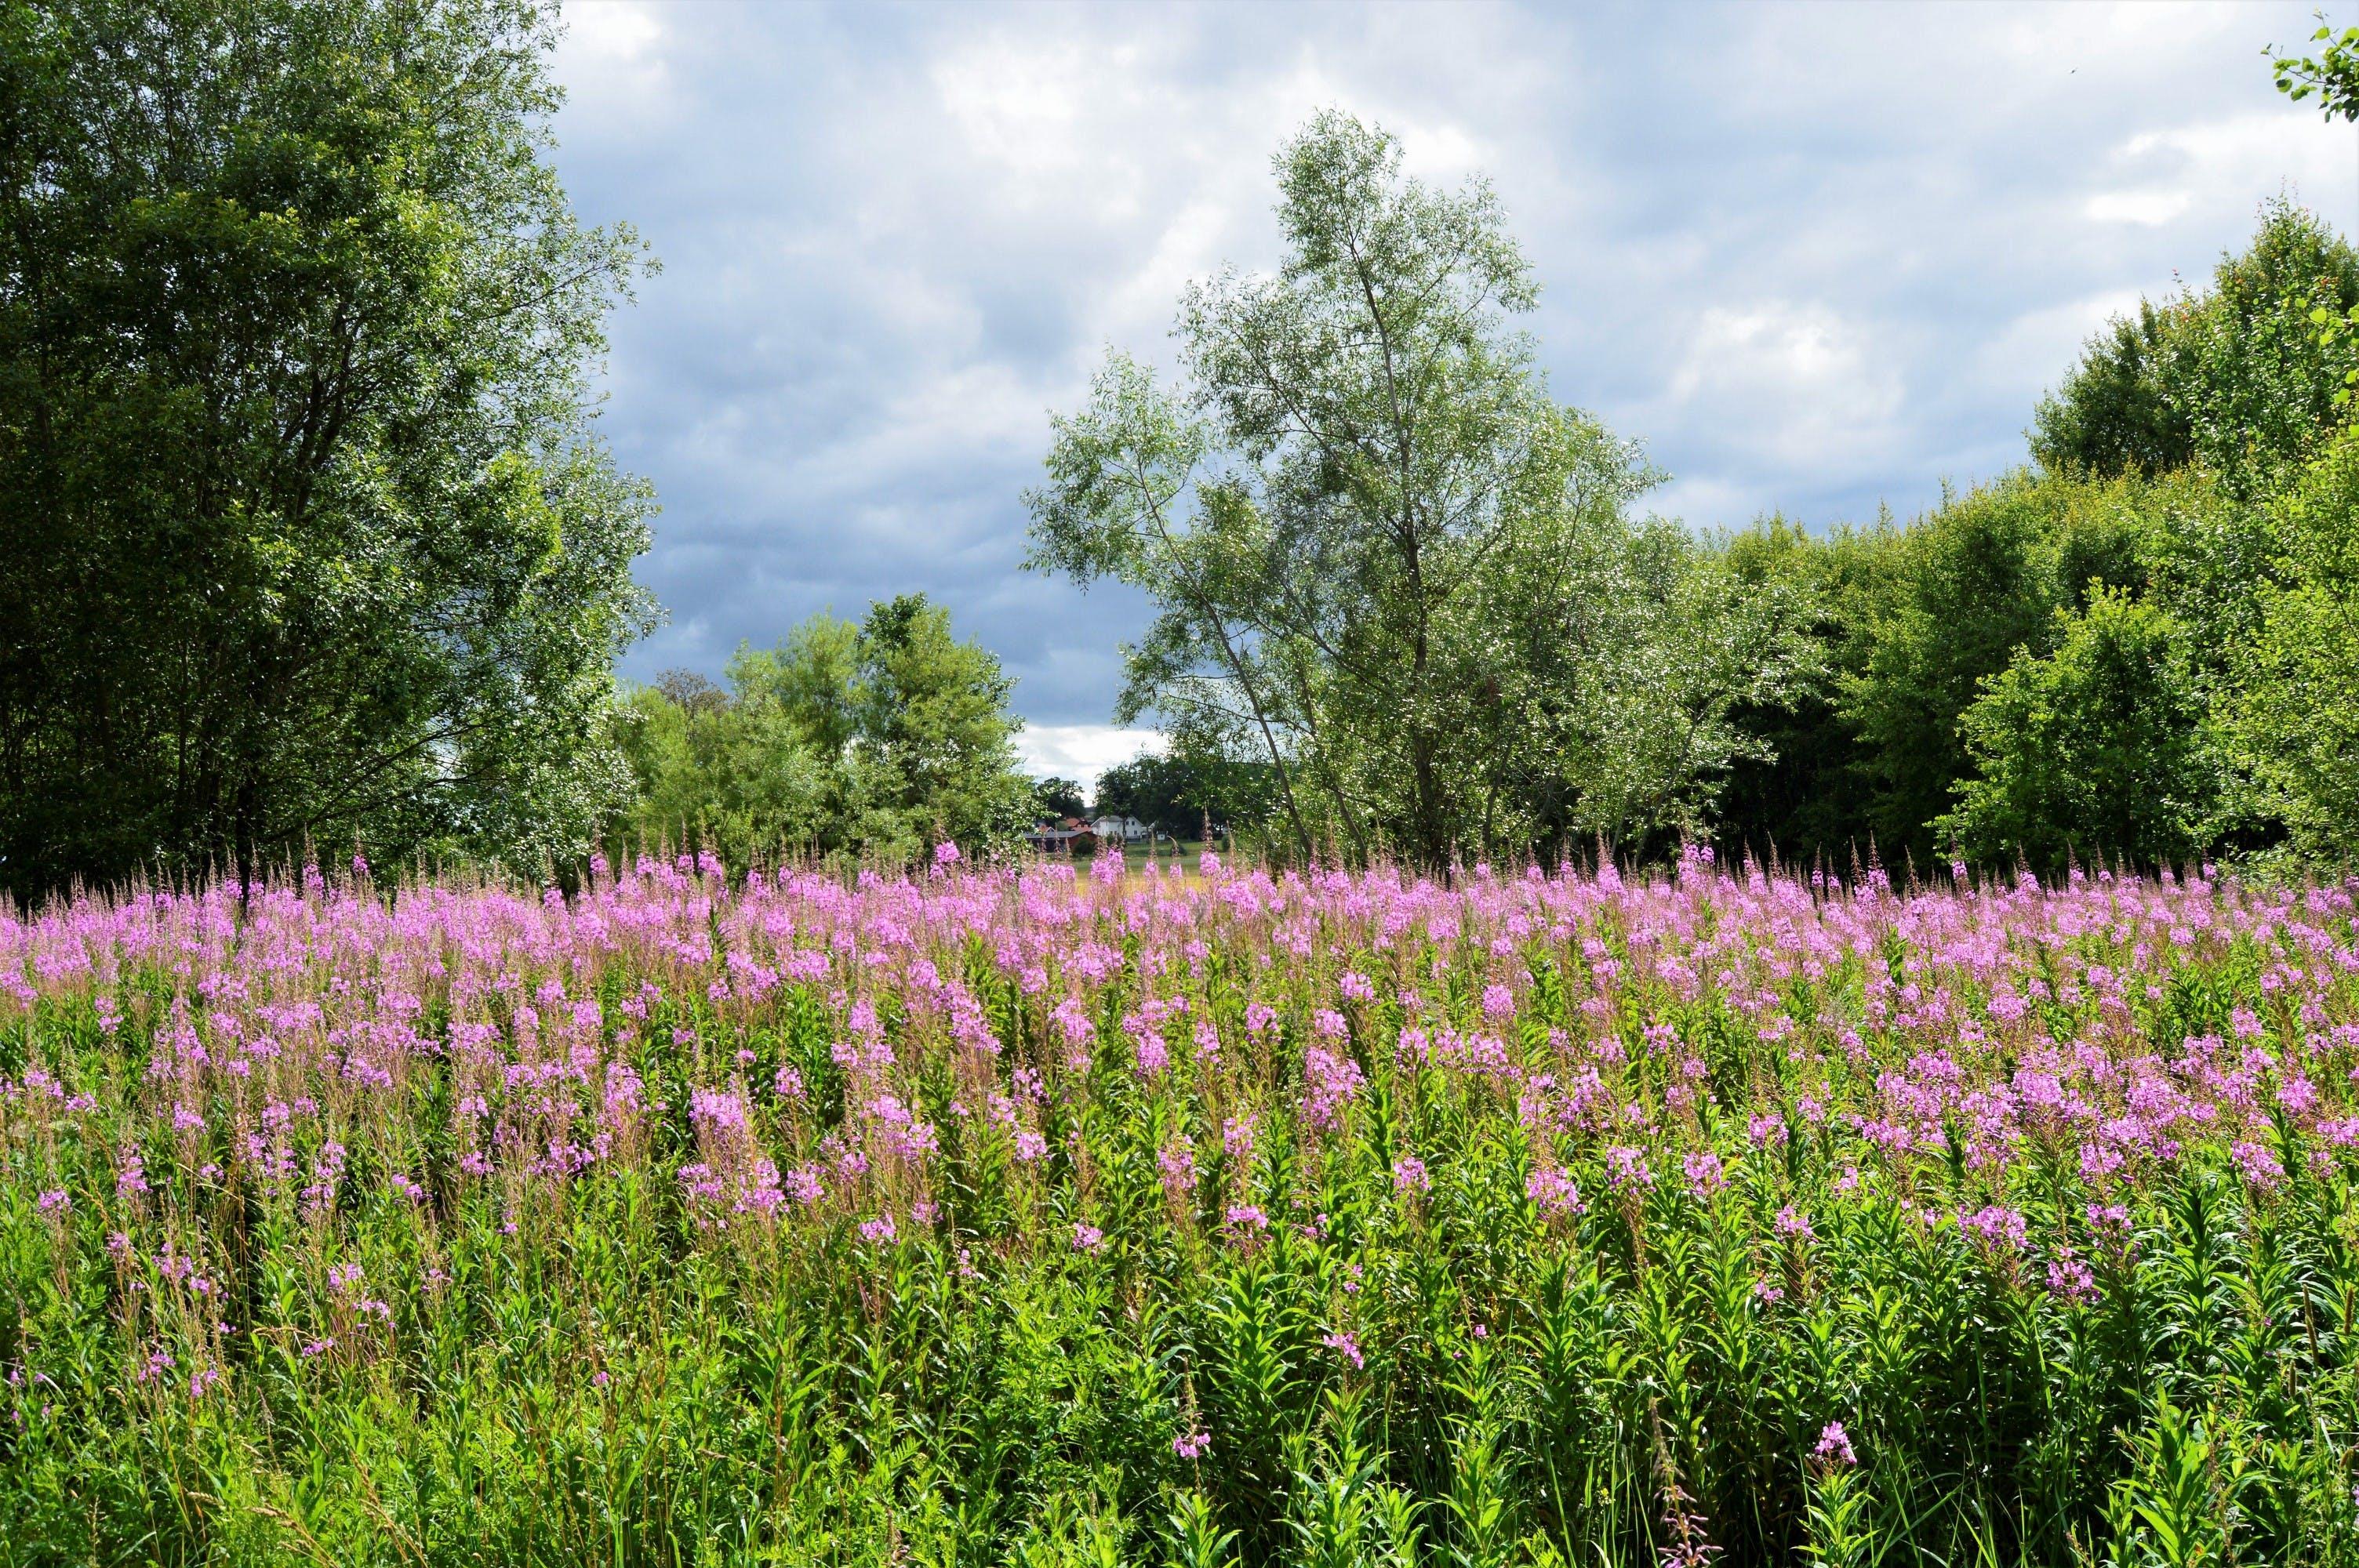 スウェーデン, フィールド, フラワーズ, 夏の無料の写真素材